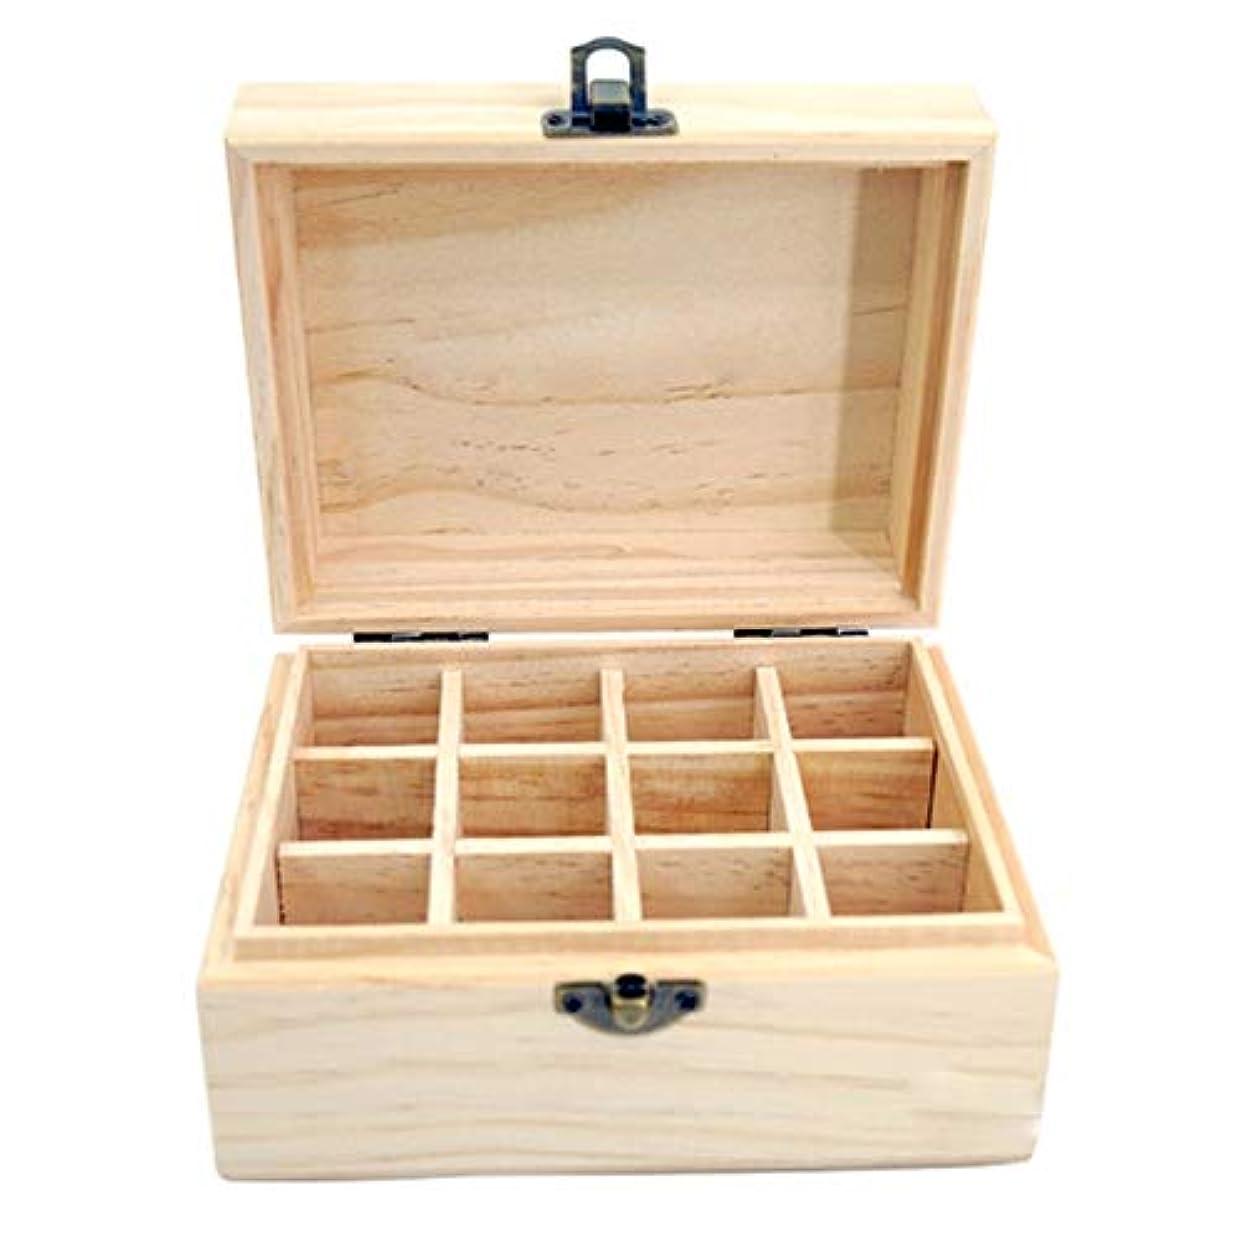 電話に出る怠感指定精油ケース 18スロットエッセンシャルオイル木製ボックス収納ケースは、あなたの油安全保護さを保つ保護します 携帯便利 (色 : Natural, サイズ : 15X11.5X8CM)